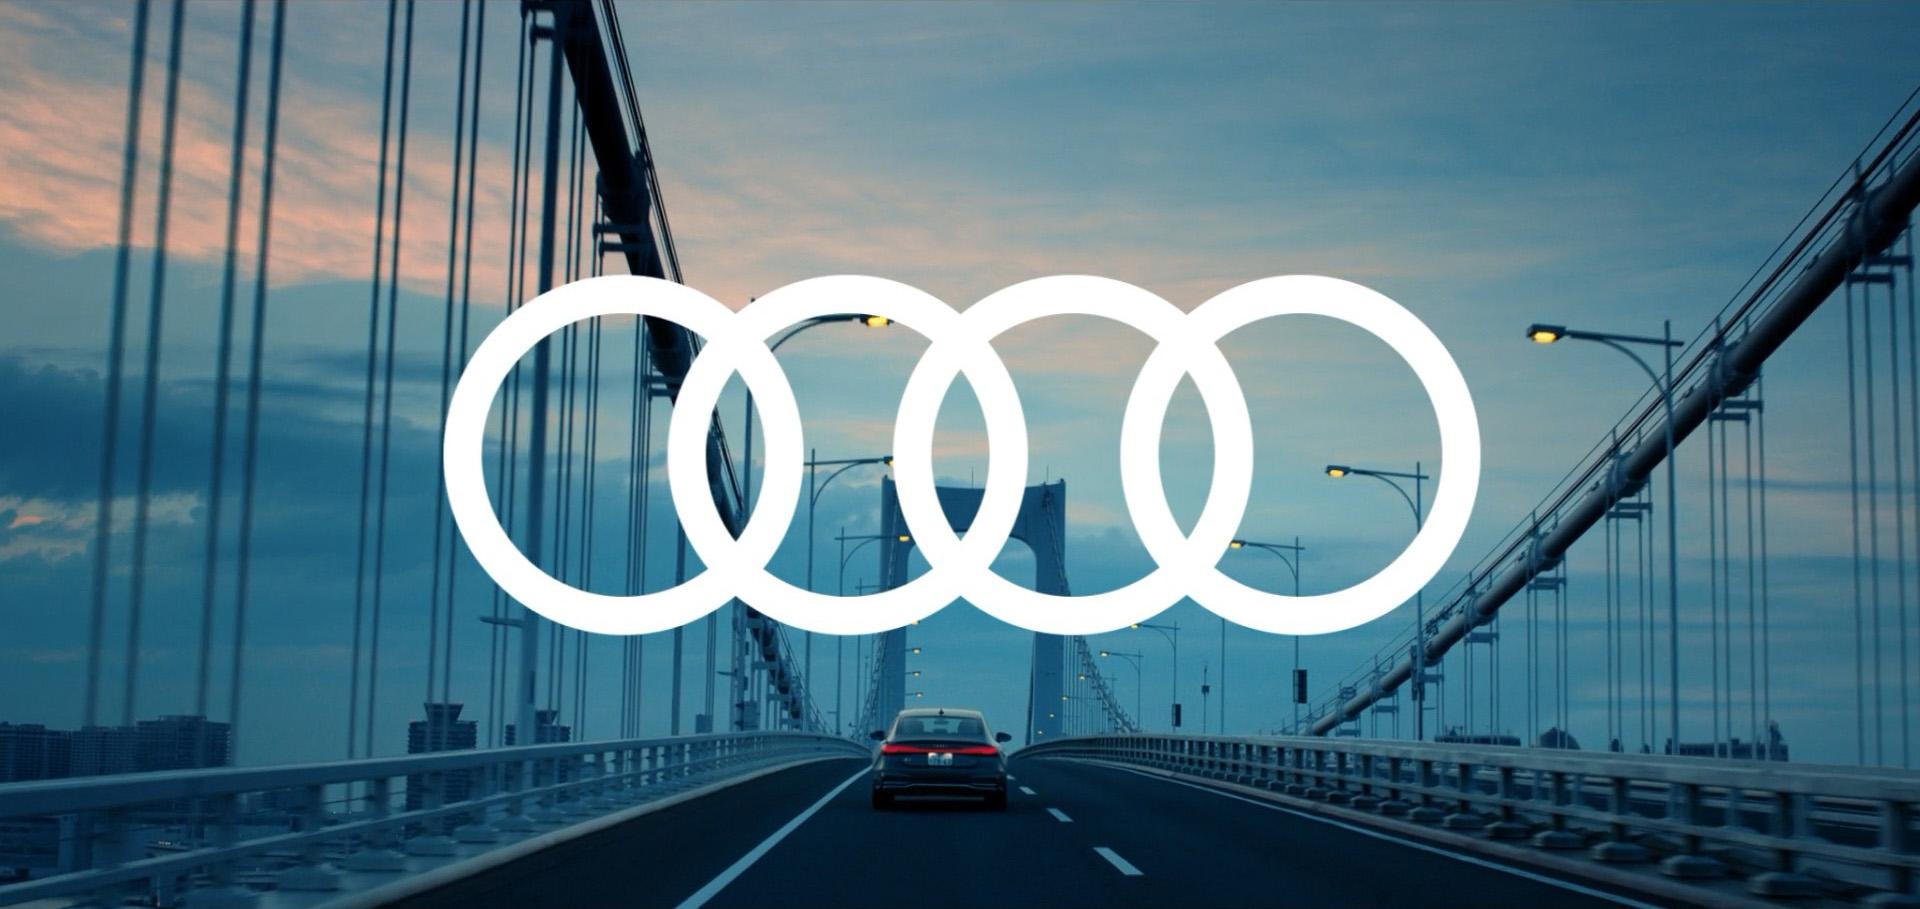 032 - Audi - Runner-0122